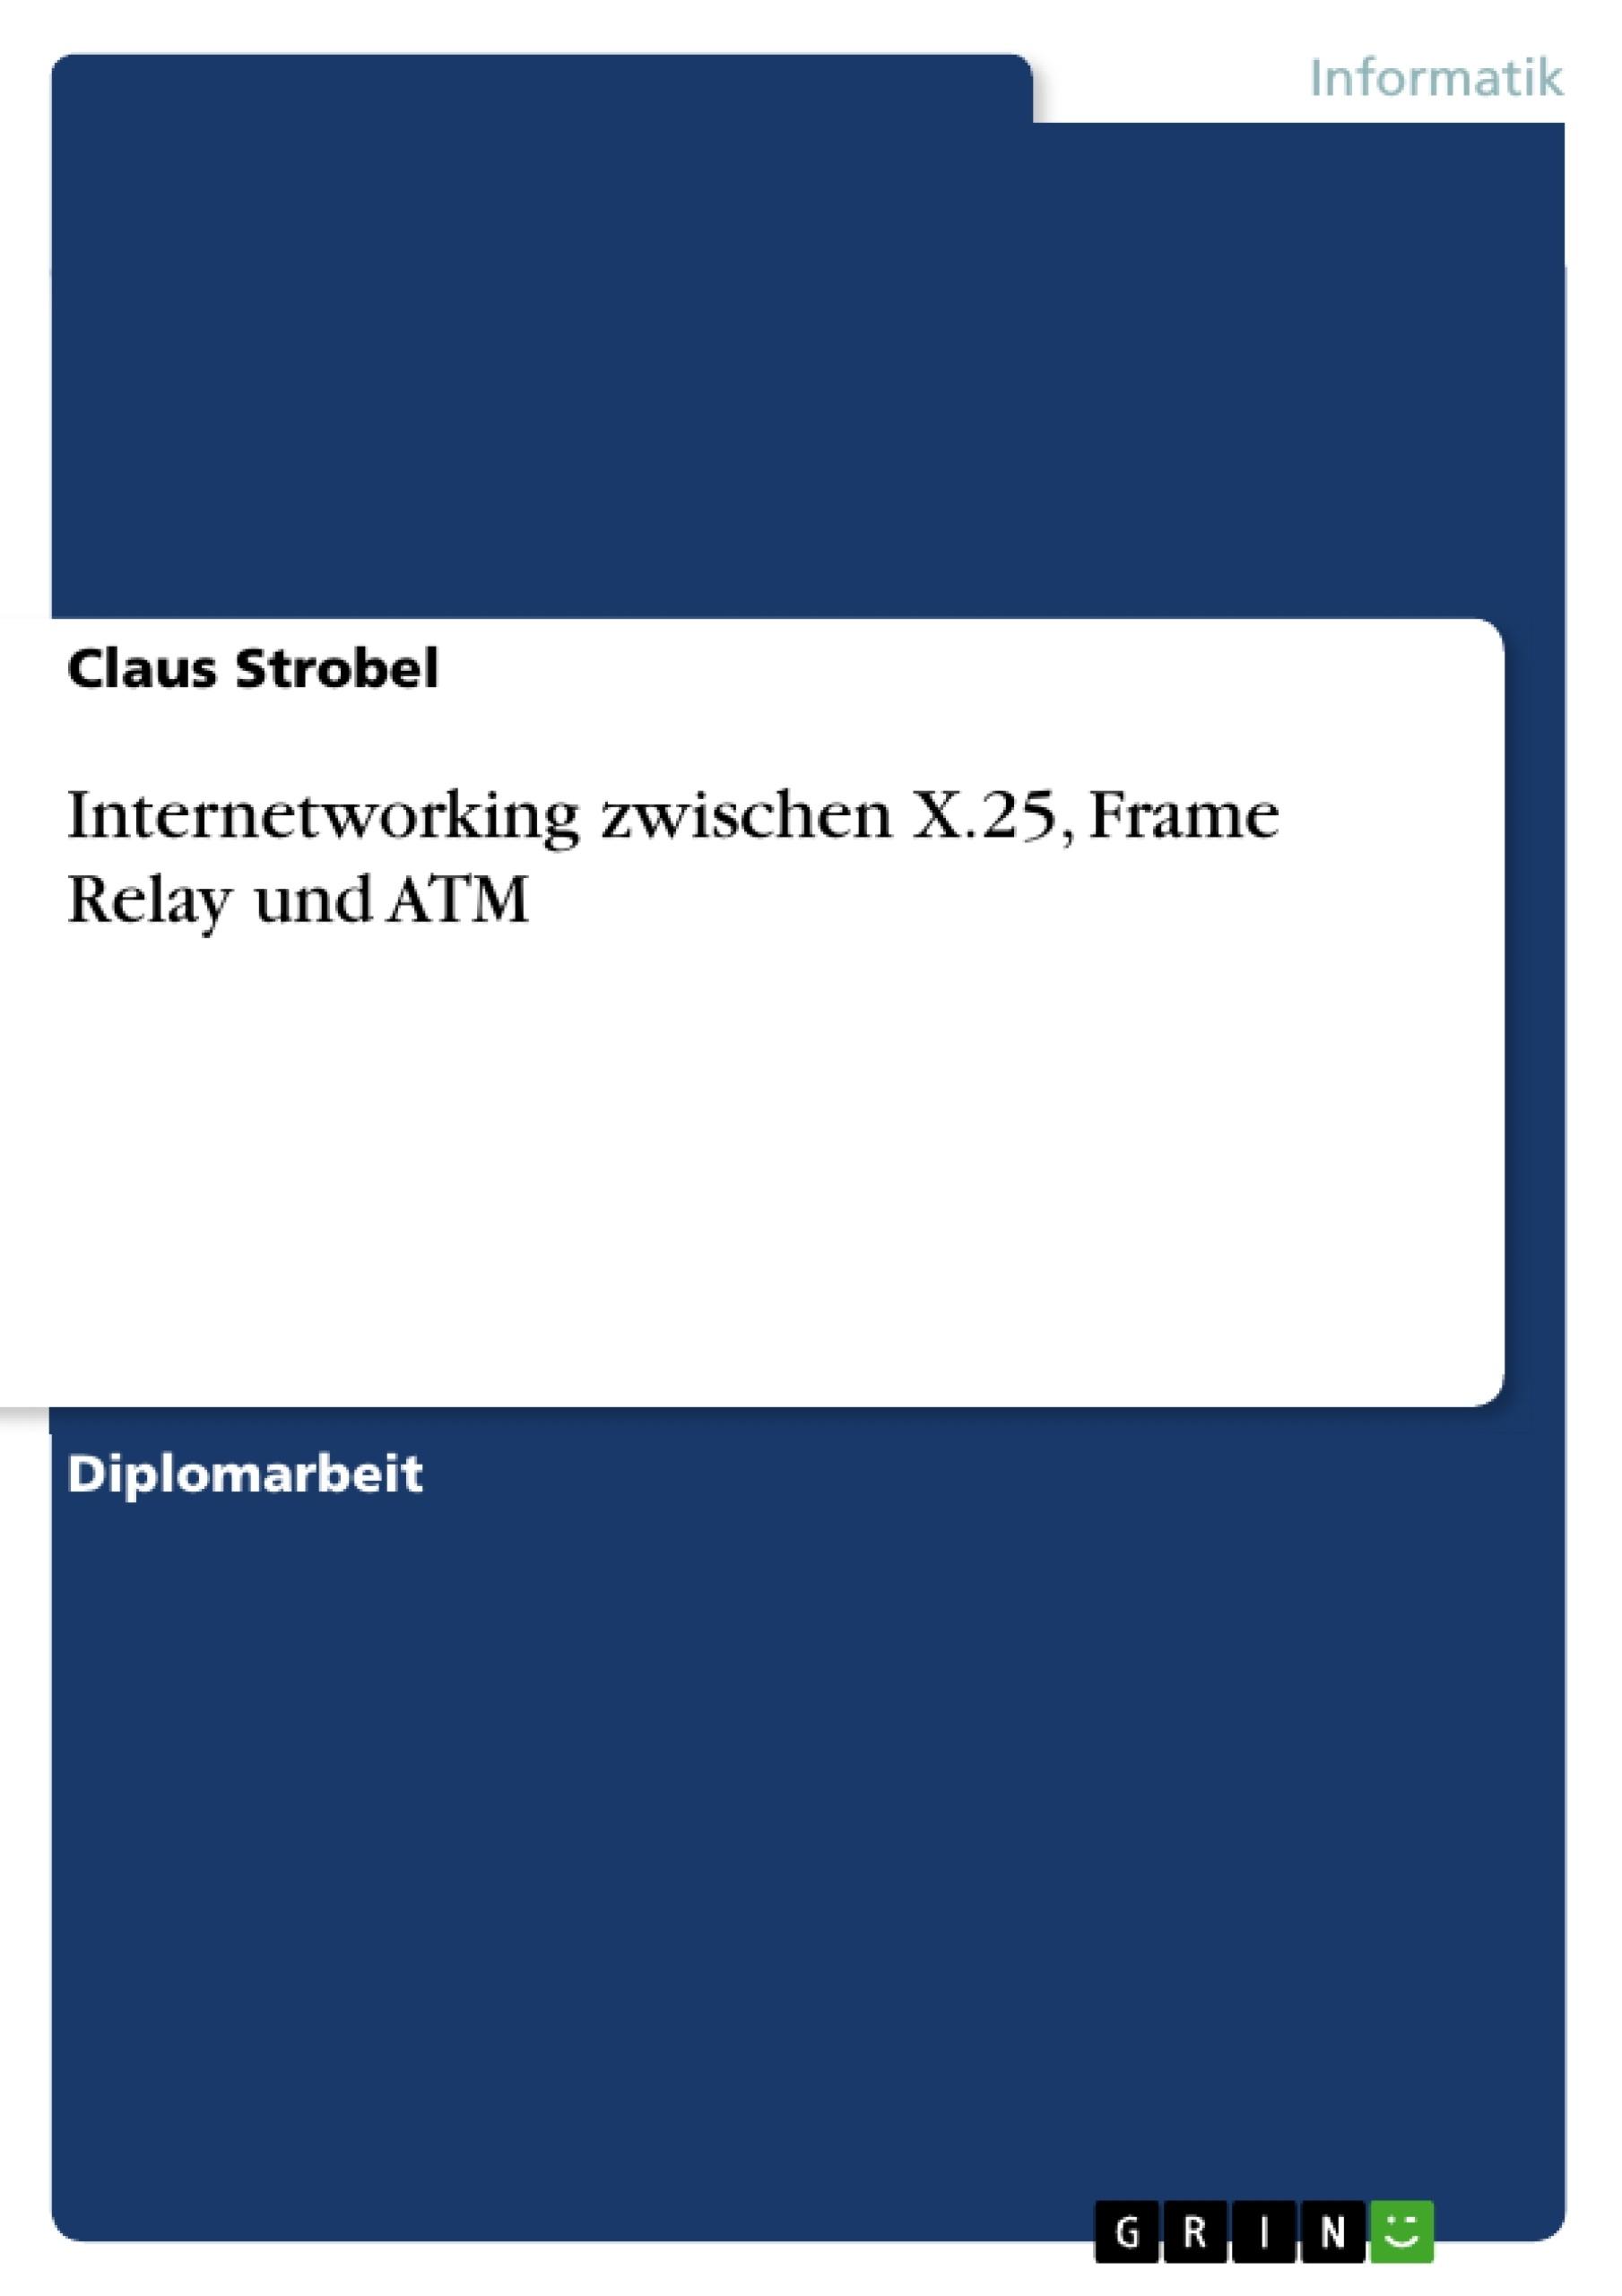 Titel: Internetworking zwischen X.25, Frame Relay und ATM